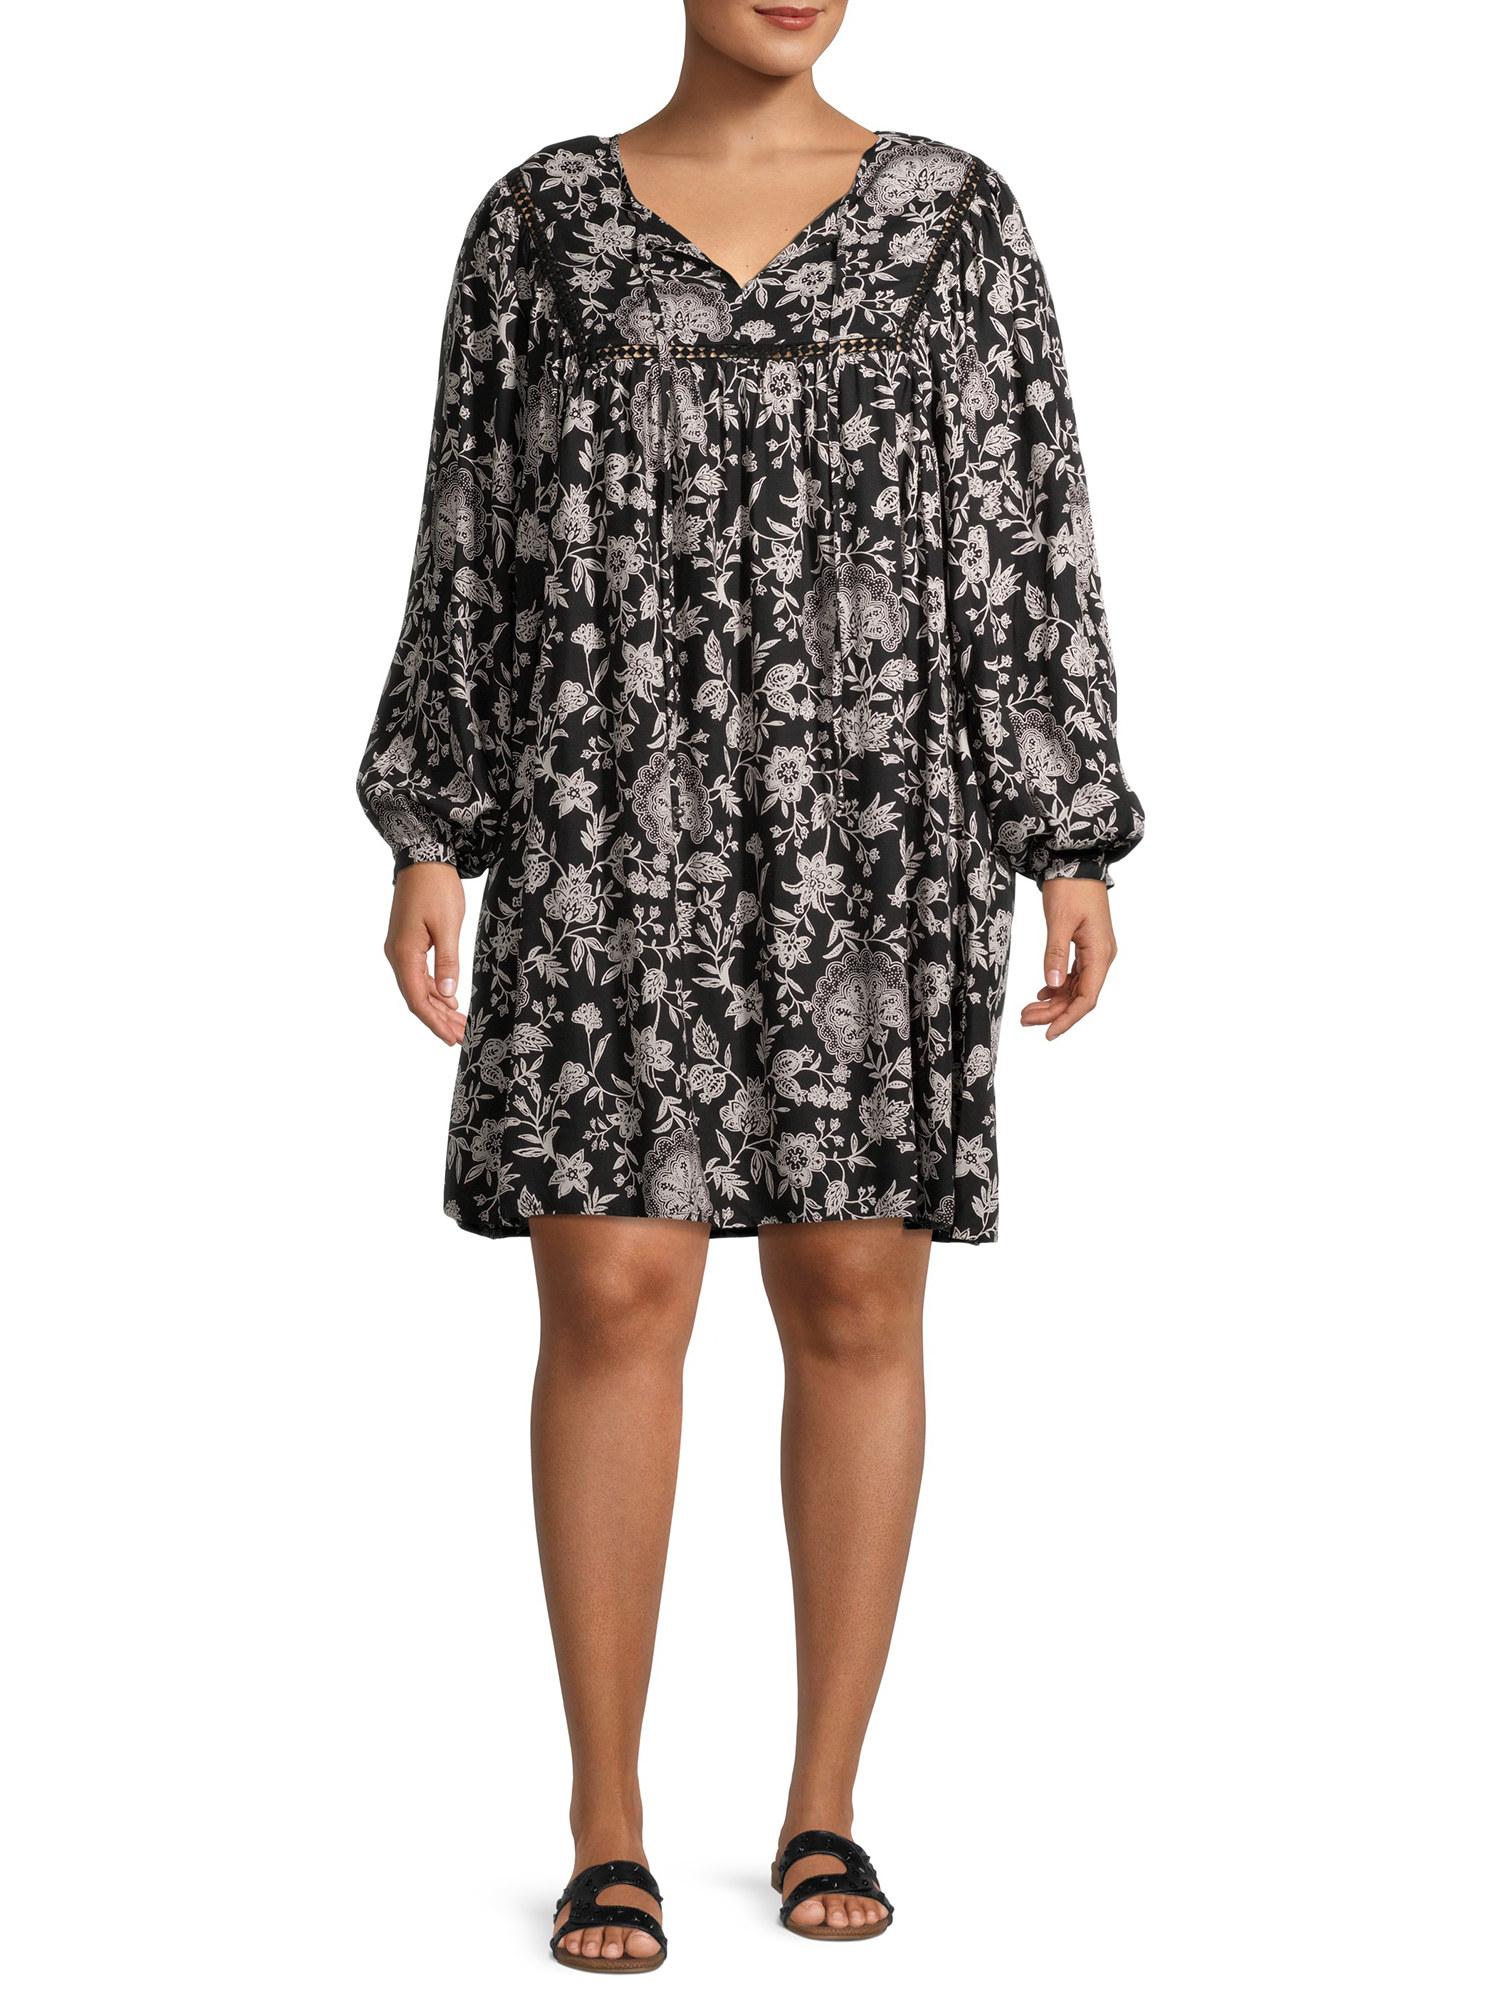 Model wears the paisley dress